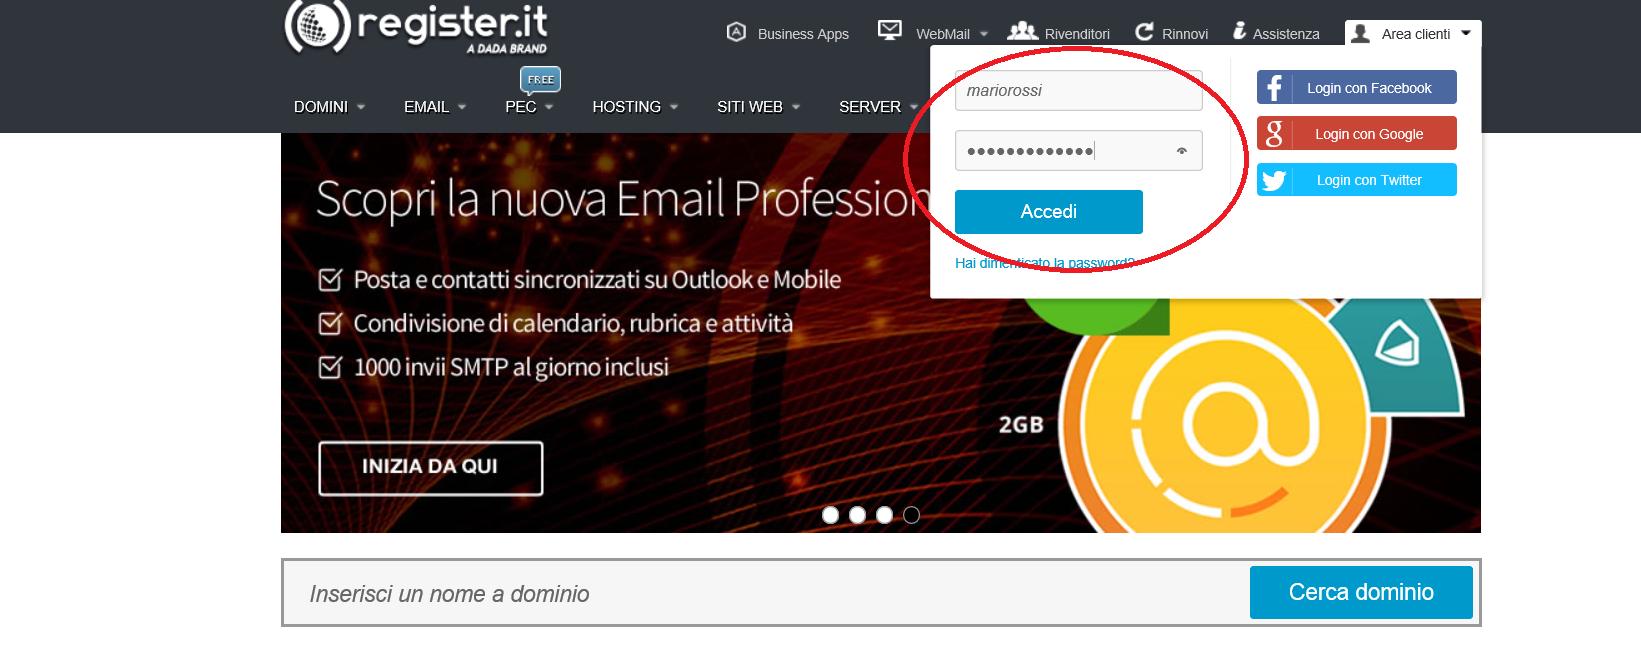 register_accesso_clienti